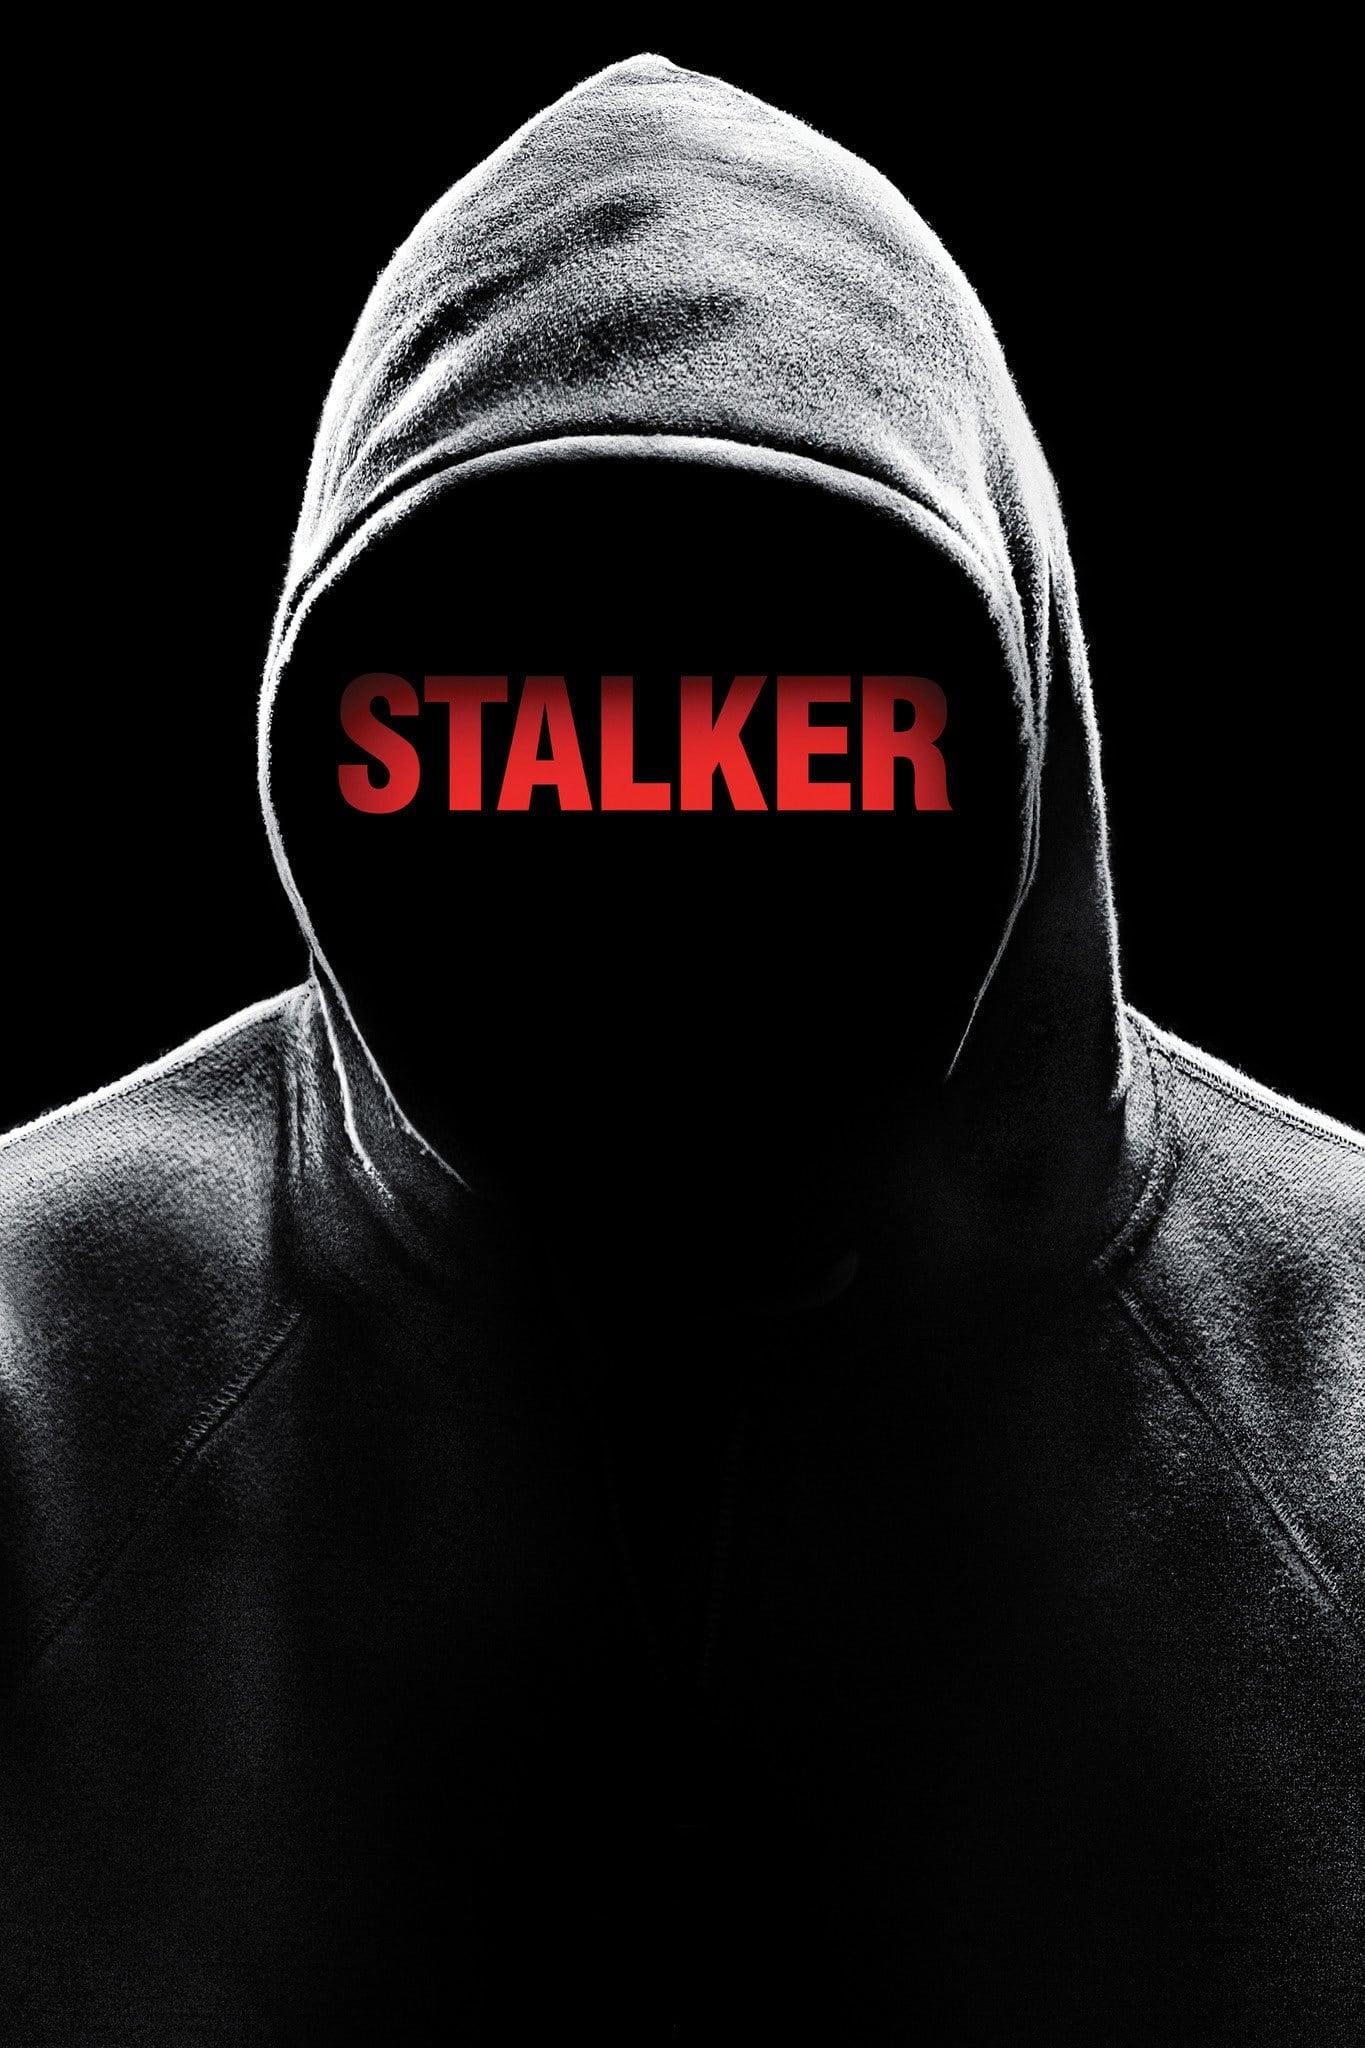 Stalker TV Shows About Crime Investigation